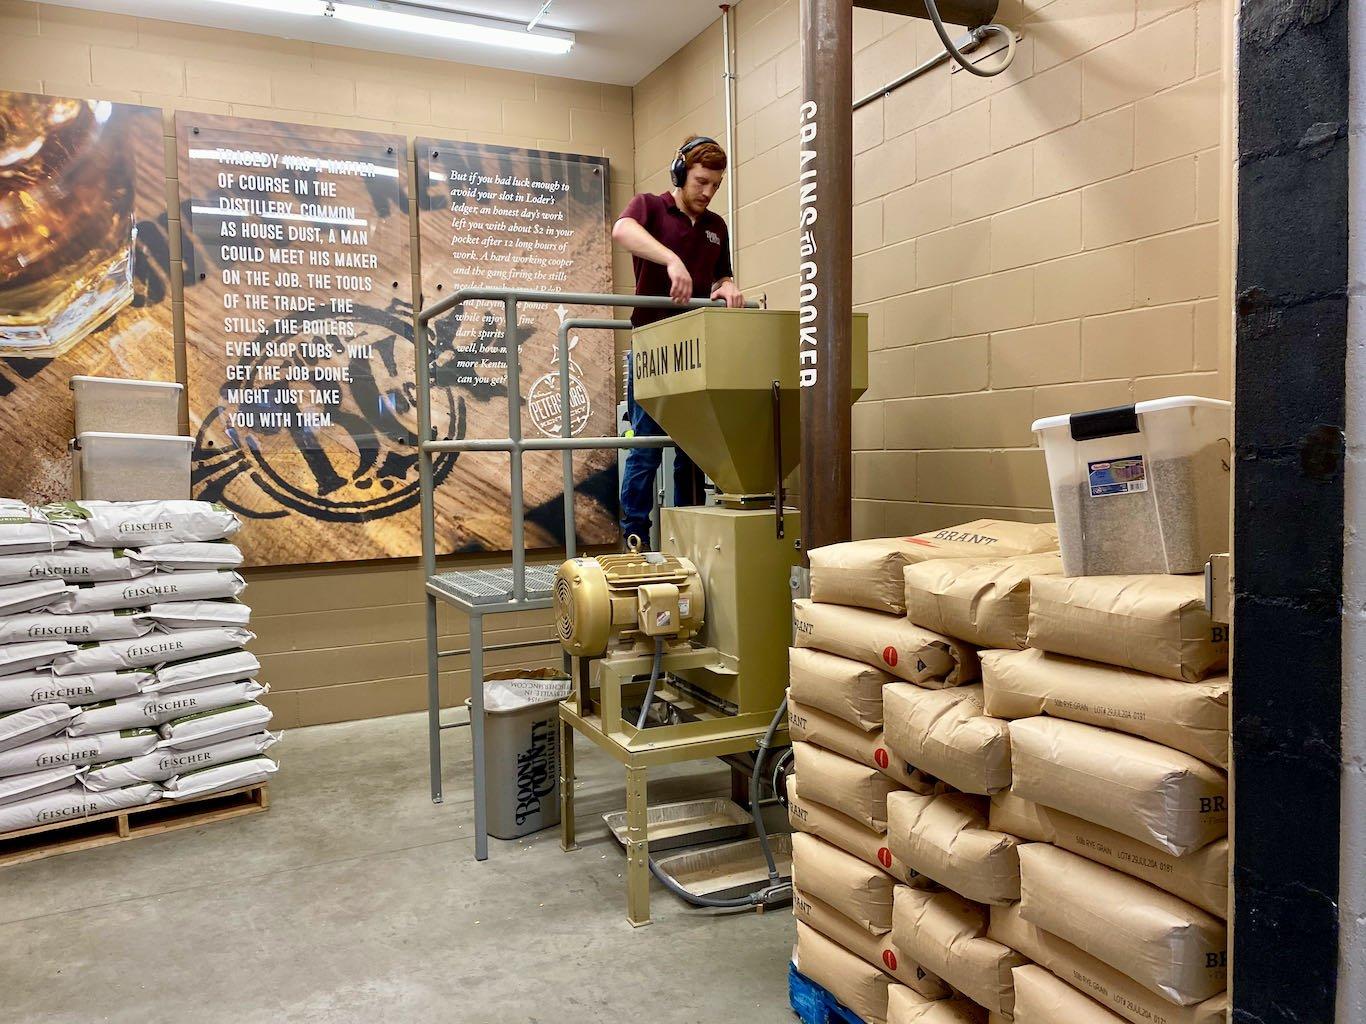 Grain Mill -Boone County Distilling Company